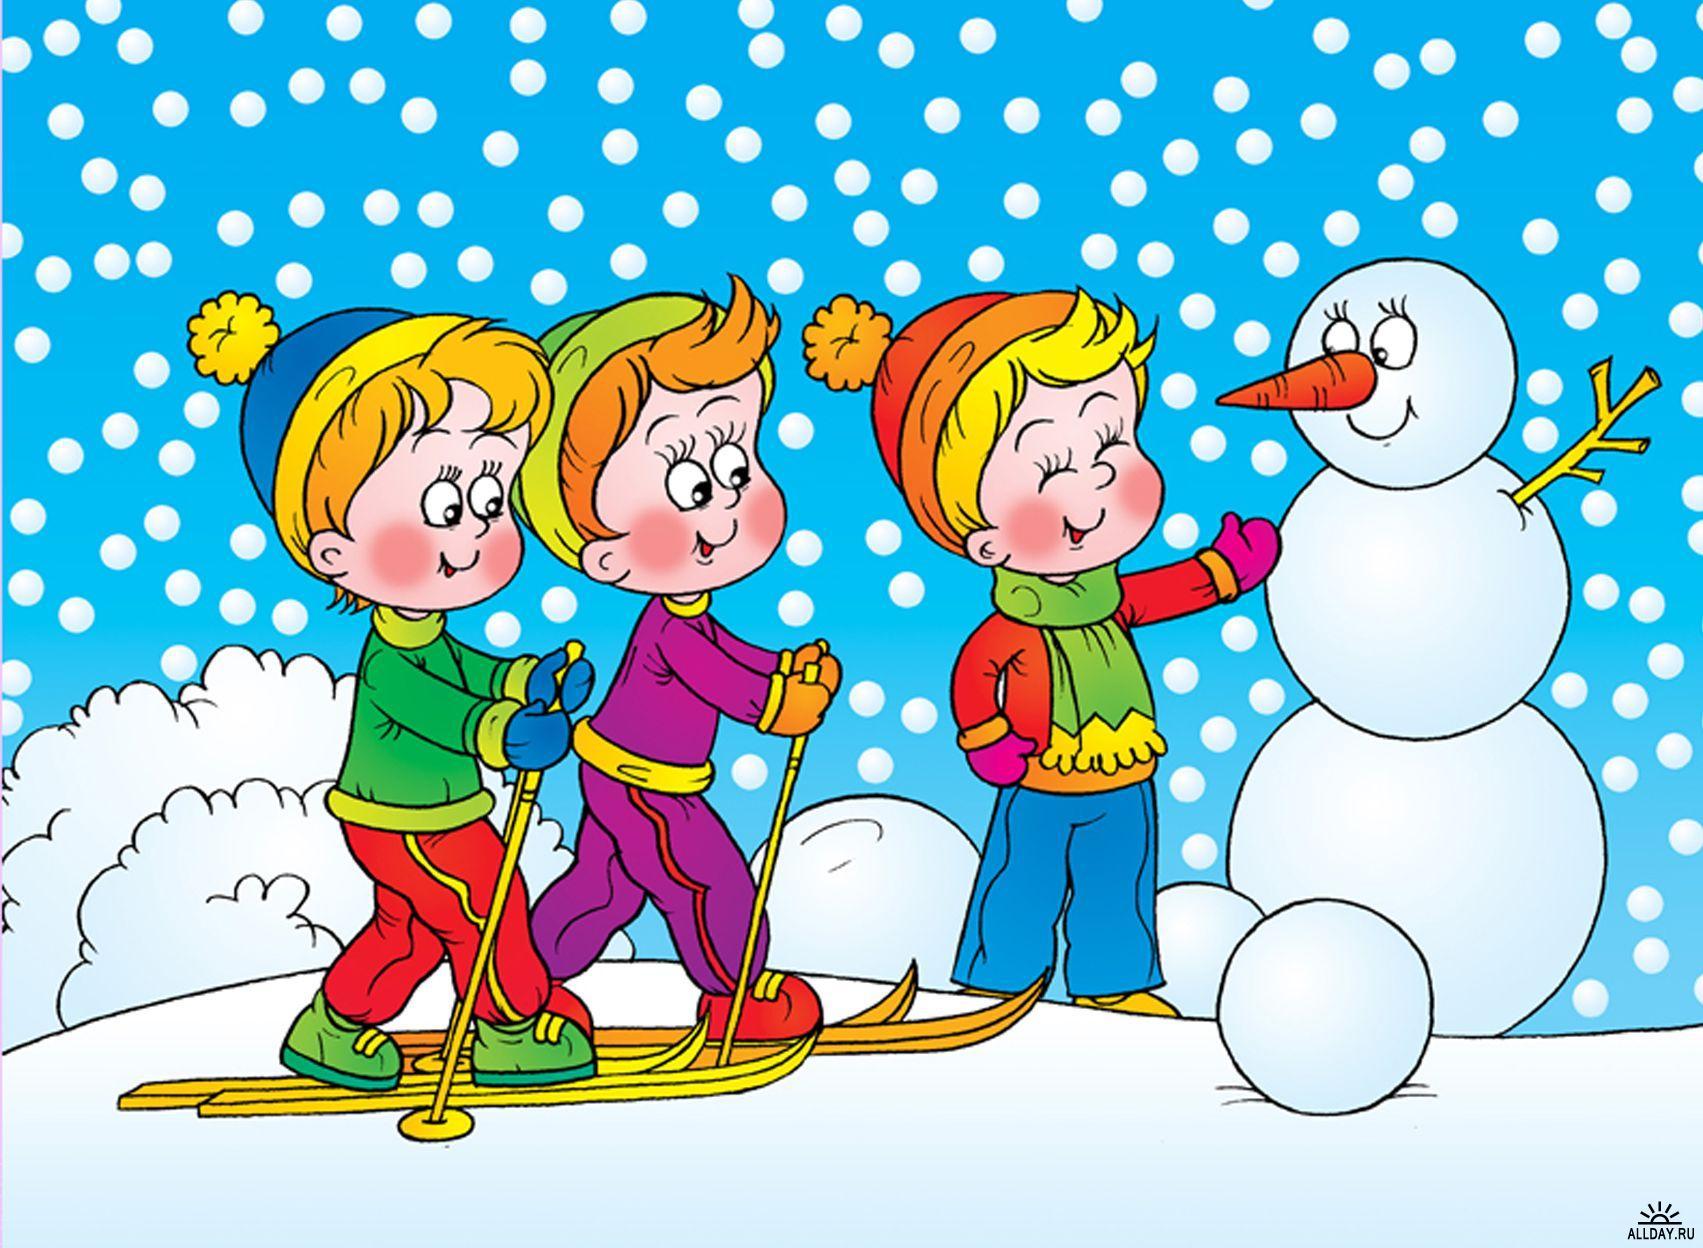 G:\ЛОГОПЕД\Лексические темы\зима.зимние забавы\зимние забавы\1263565295_2.jpg